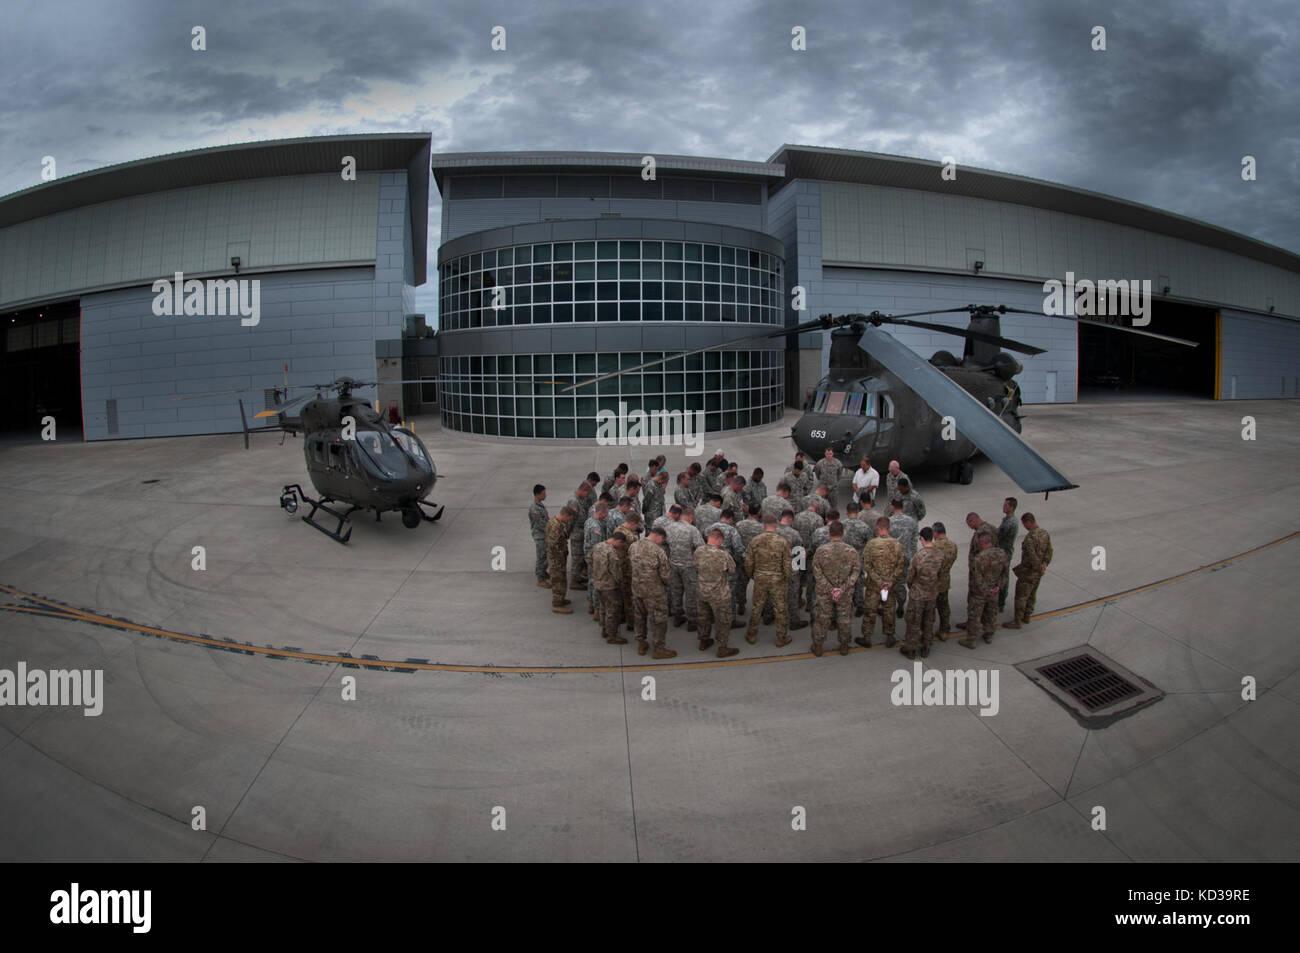 Jrotc Stock Photos & Jrotc Stock Images - Alamy